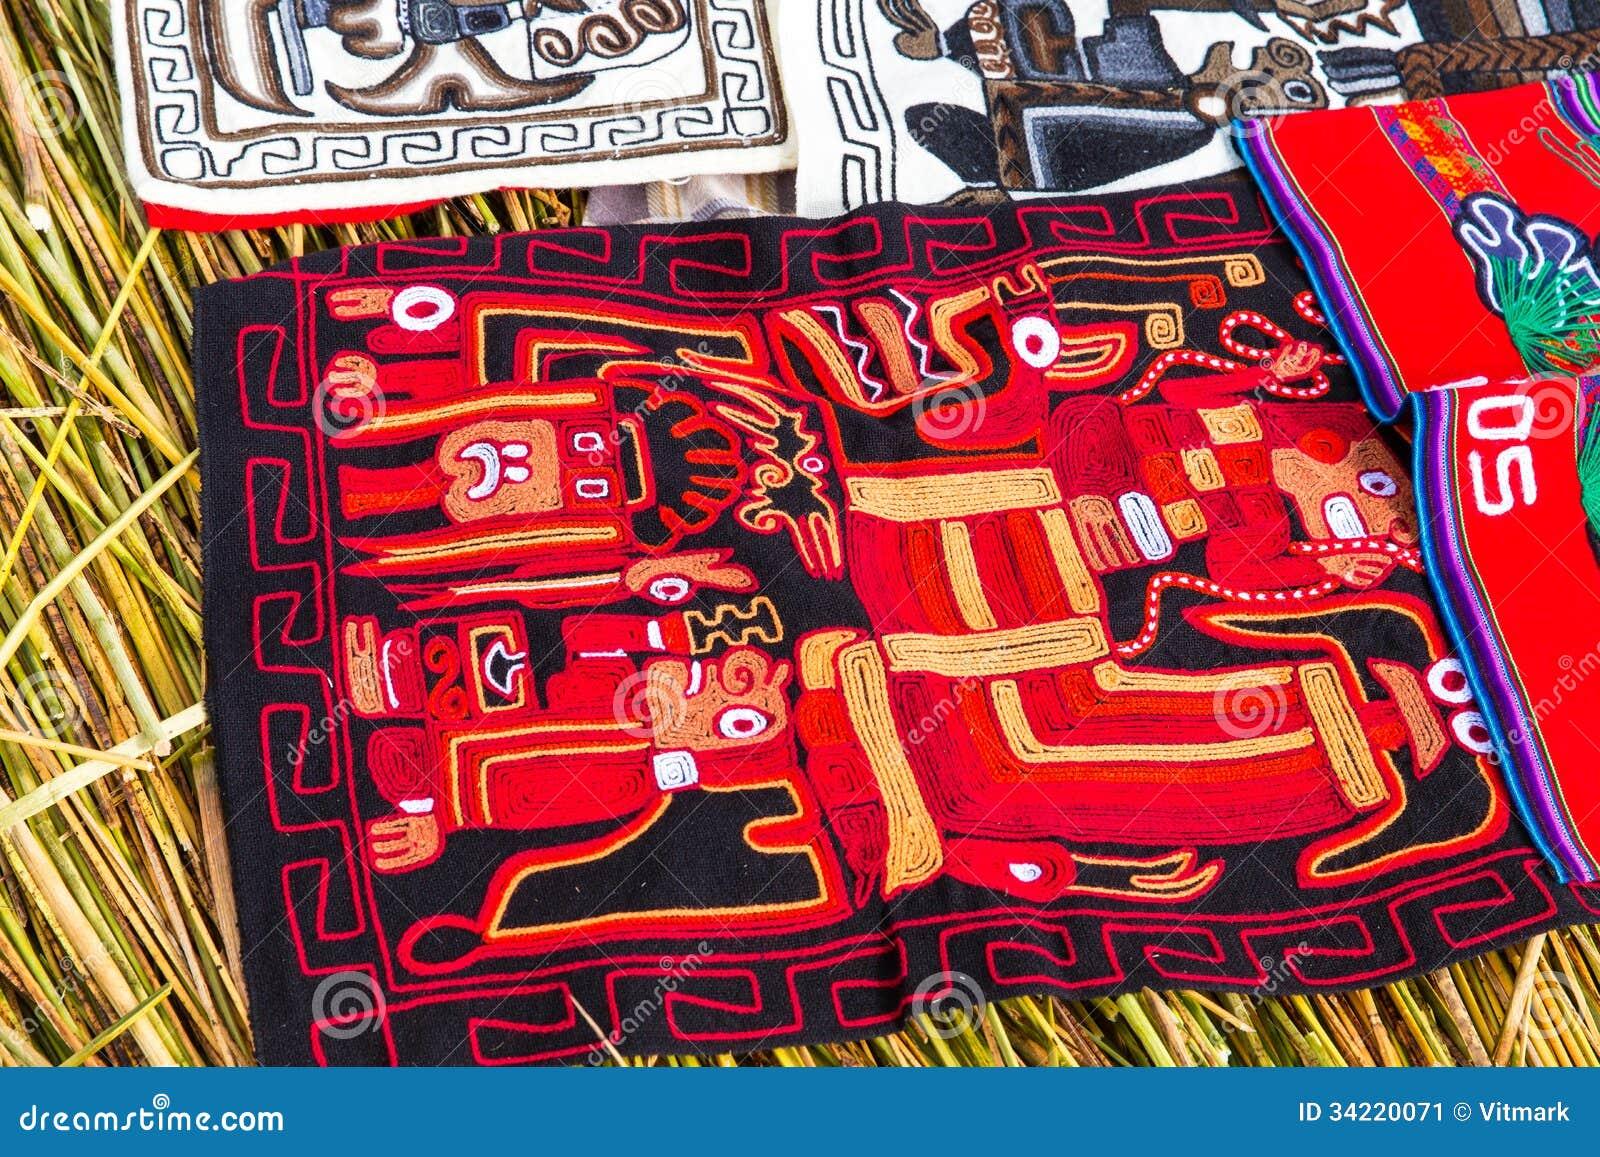 Souvenir On Floating Islands Titicaca Lake, Peru,South America ...